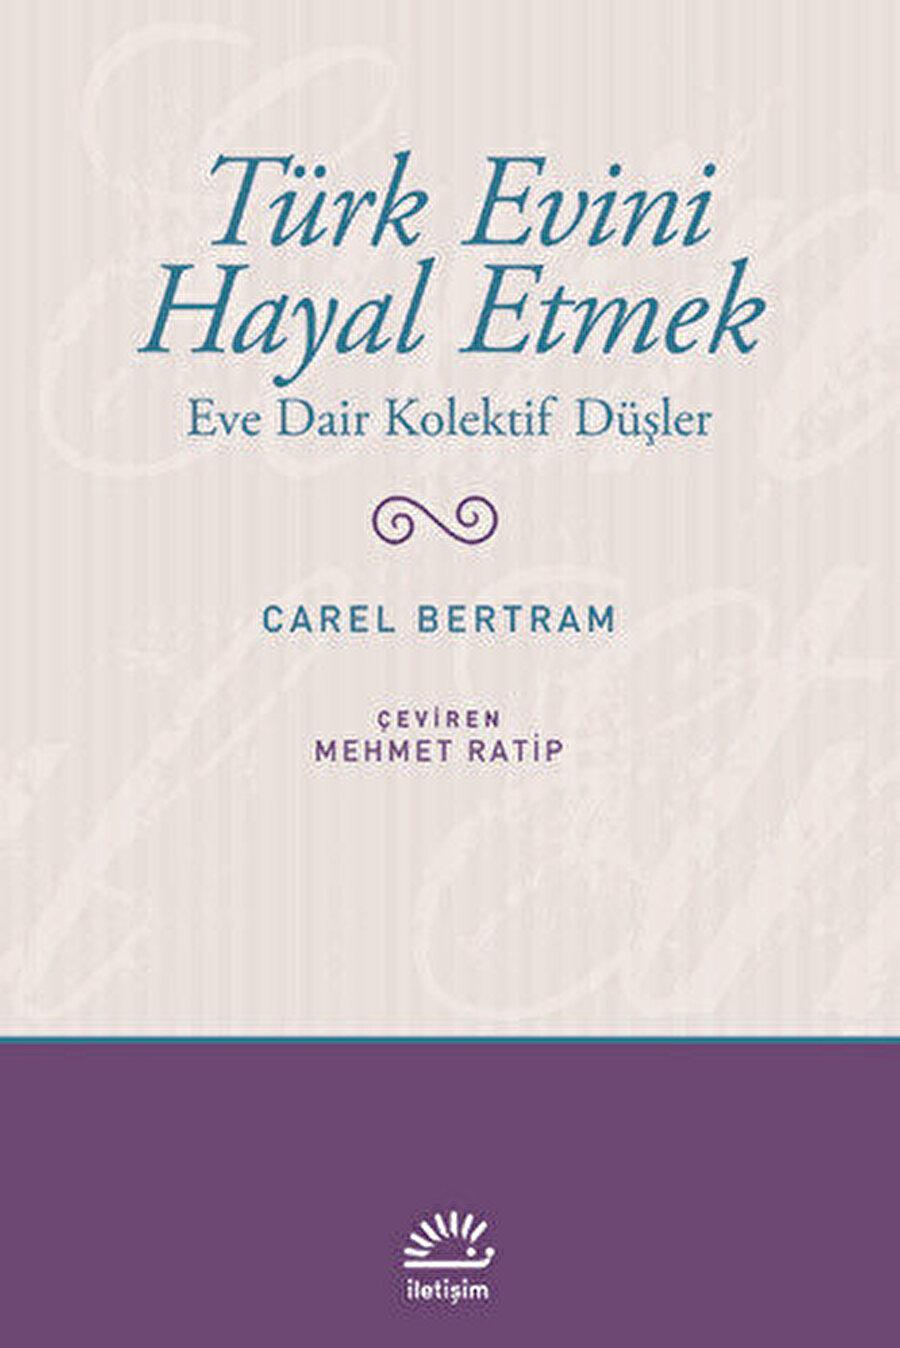 Türk Evini Hayal Etmek, Carel Bertram